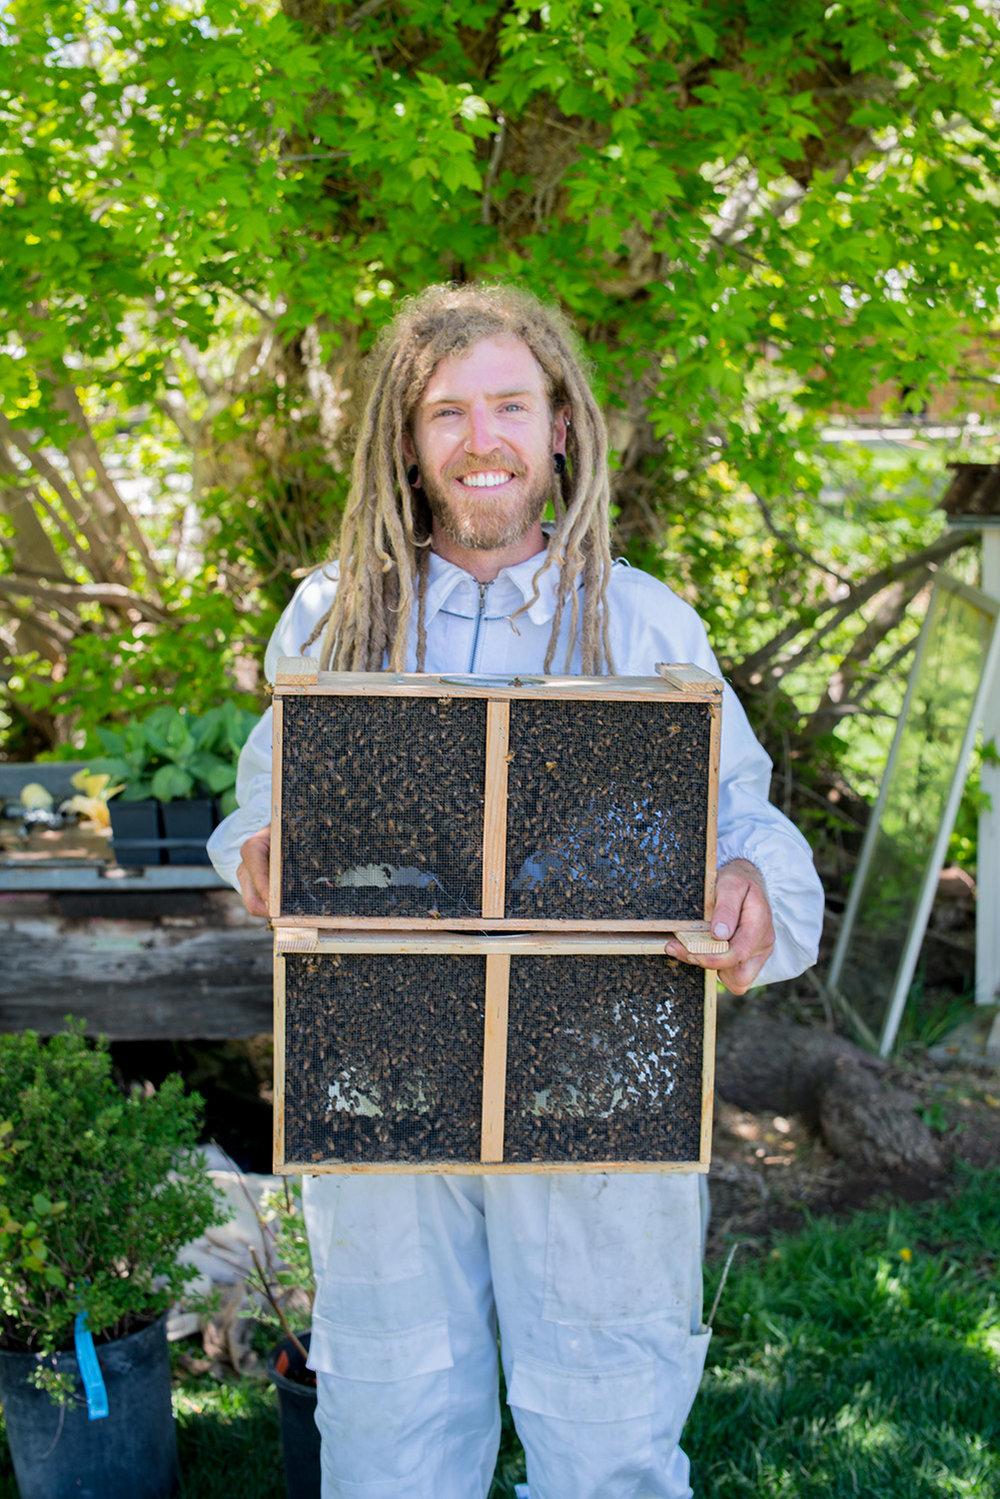 nelson-esseveld-lyons-farmette-beekeeping-03.jpg